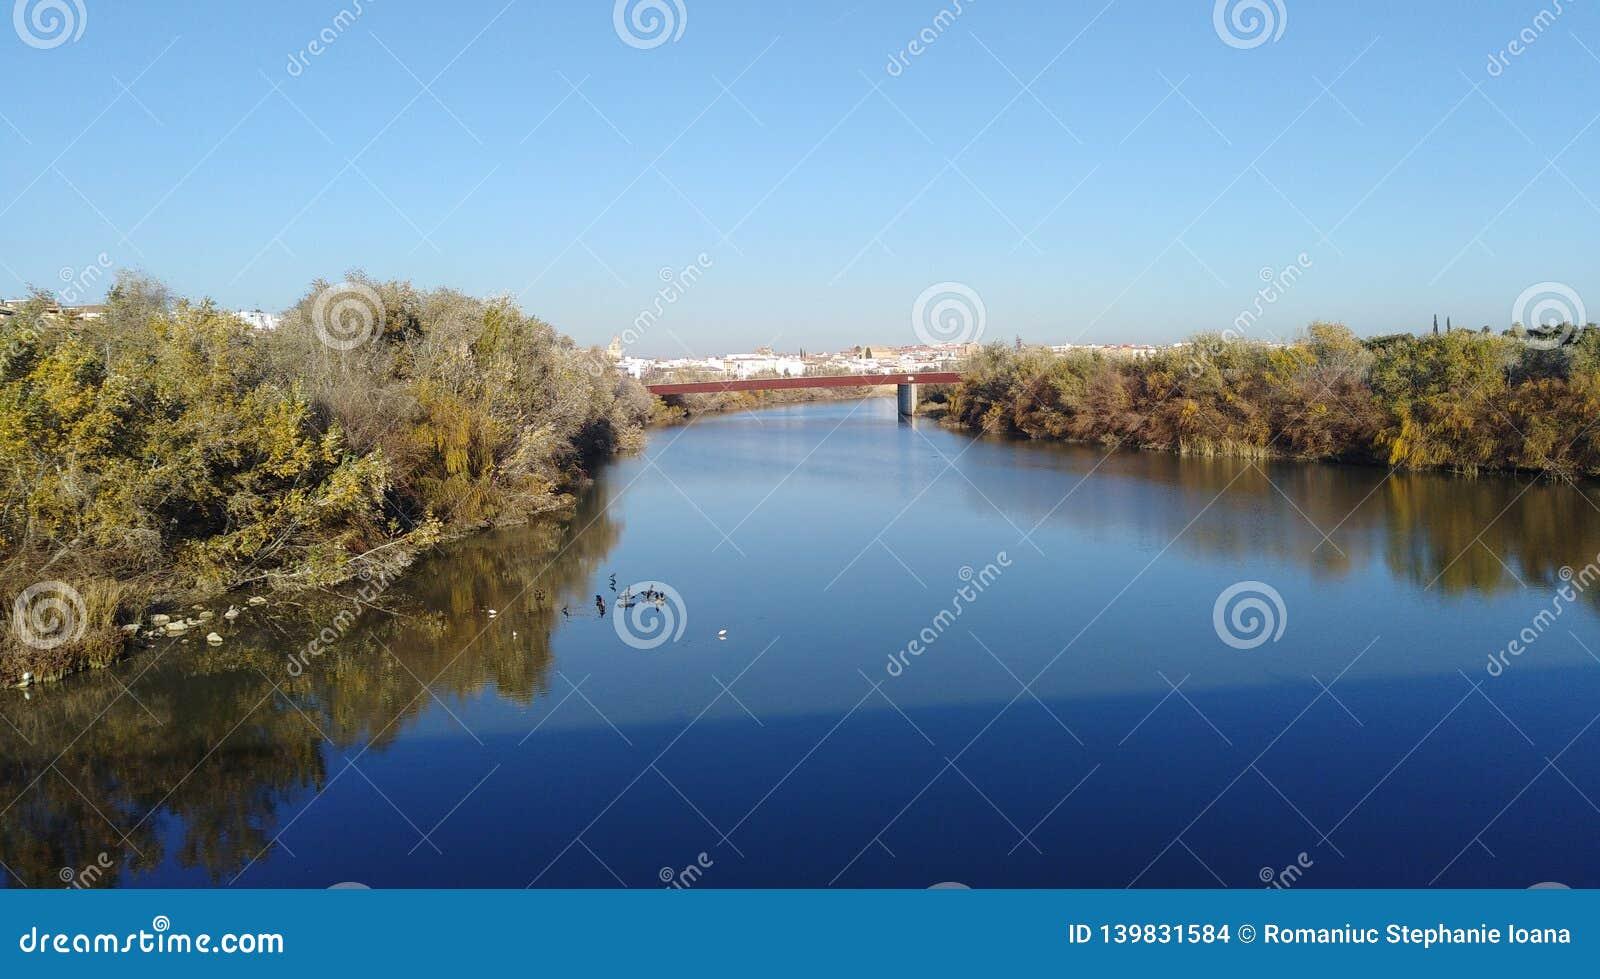 CÃ ³ rdoba的河瓜达尔基维尔河